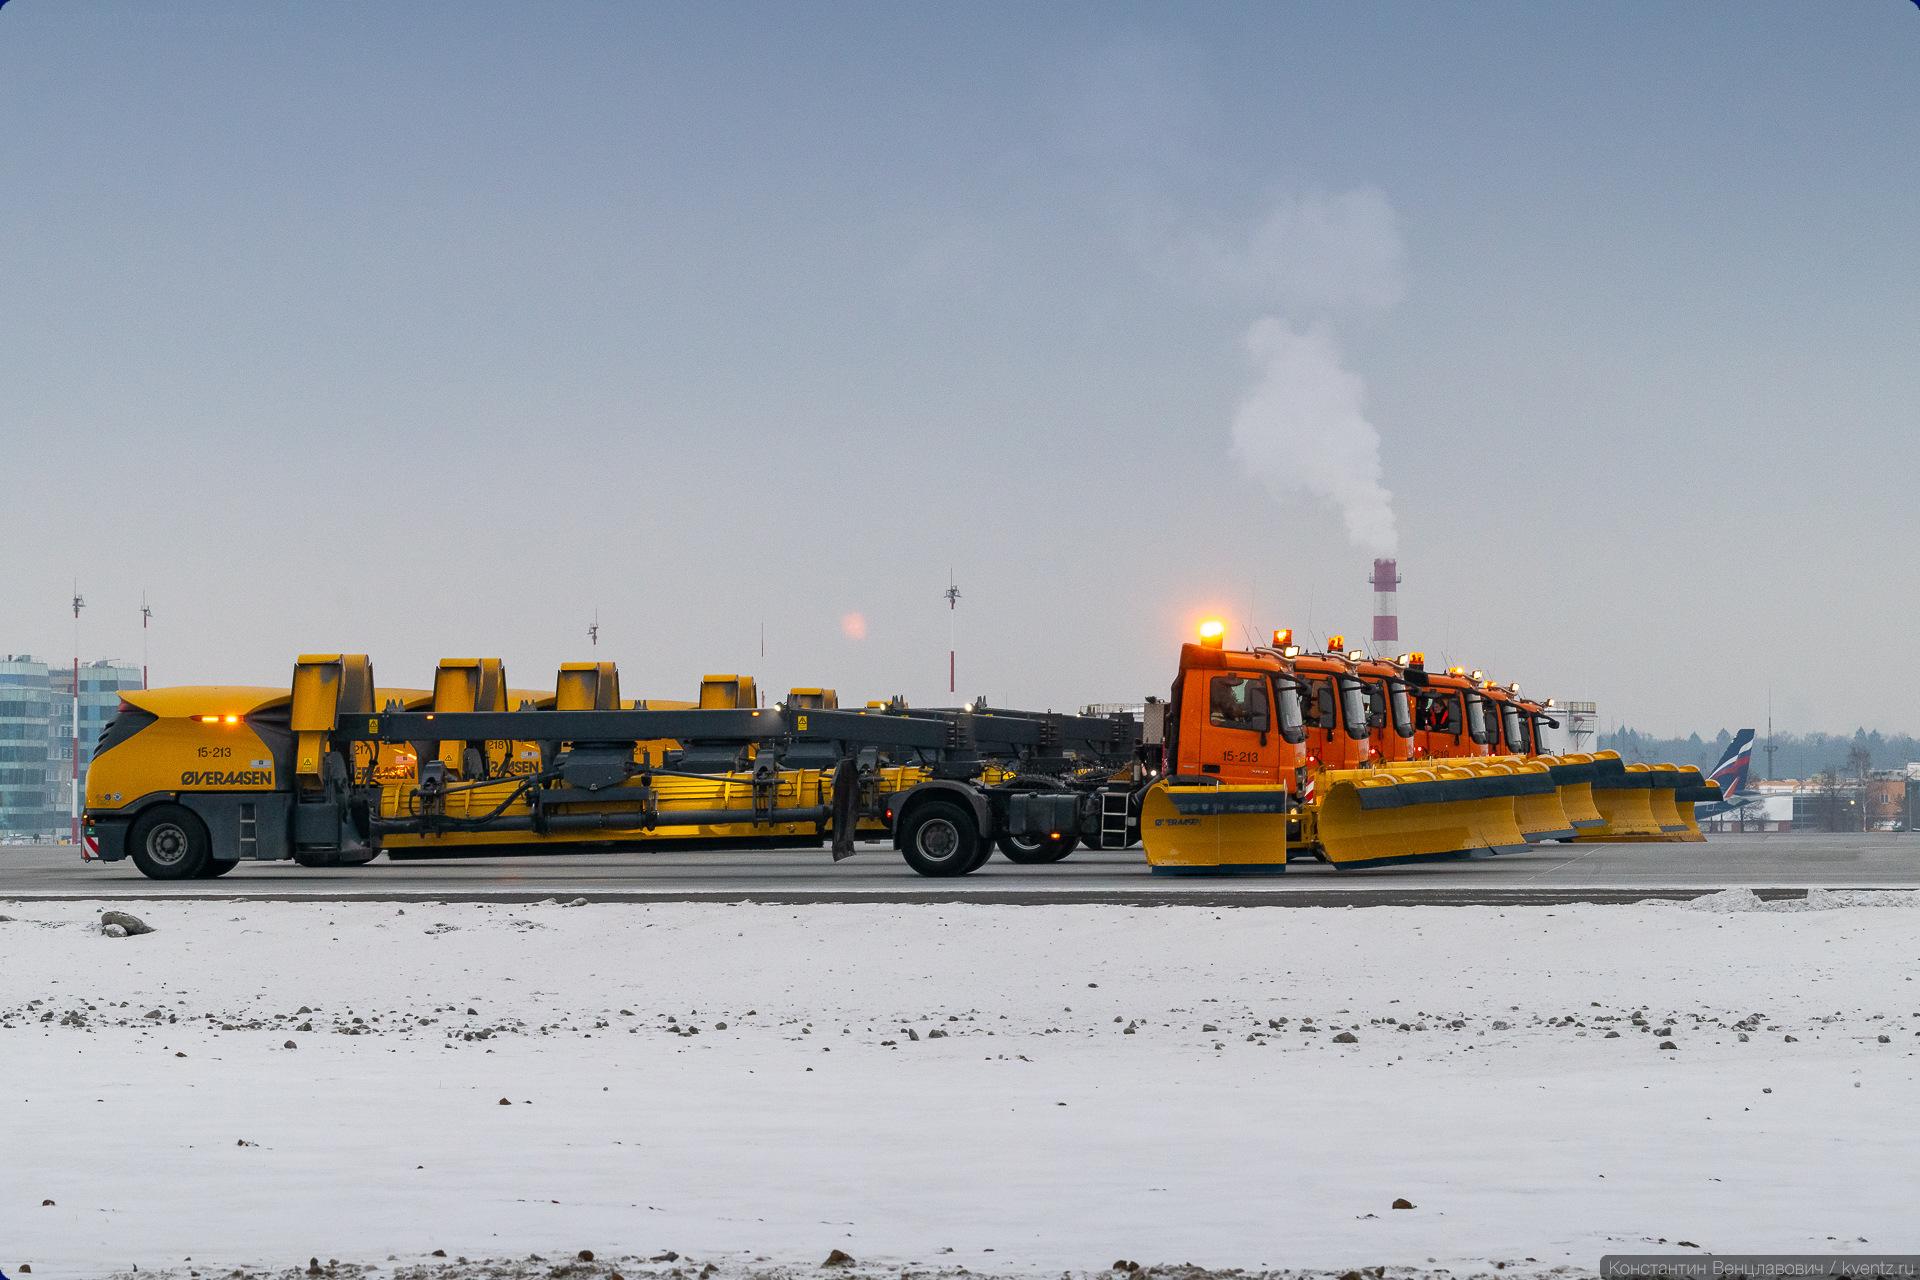 15. Первыми поехали большие аэродромные прицепные плужно-щёточно-продувочные машины. Они могут убирать снег, подметать и просушивать ВПП. В Шереметьево используются машины норвежской компании Øveraasen. В двух других Московский аэропортах работают похожие машины SCHMIDT.